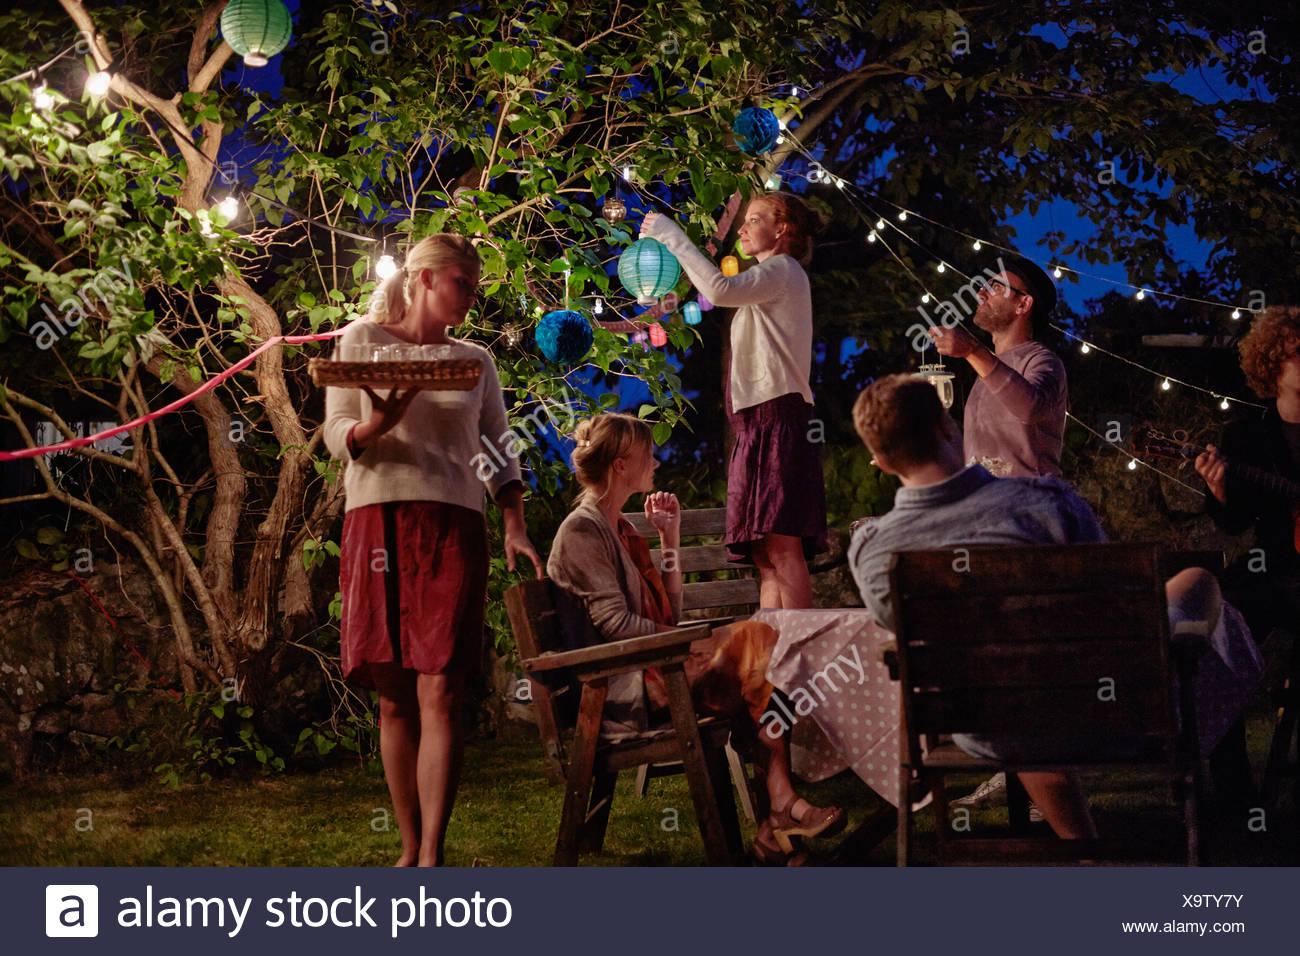 Groupe d'adultes pour la préparation des jardins de nuit Photo Stock